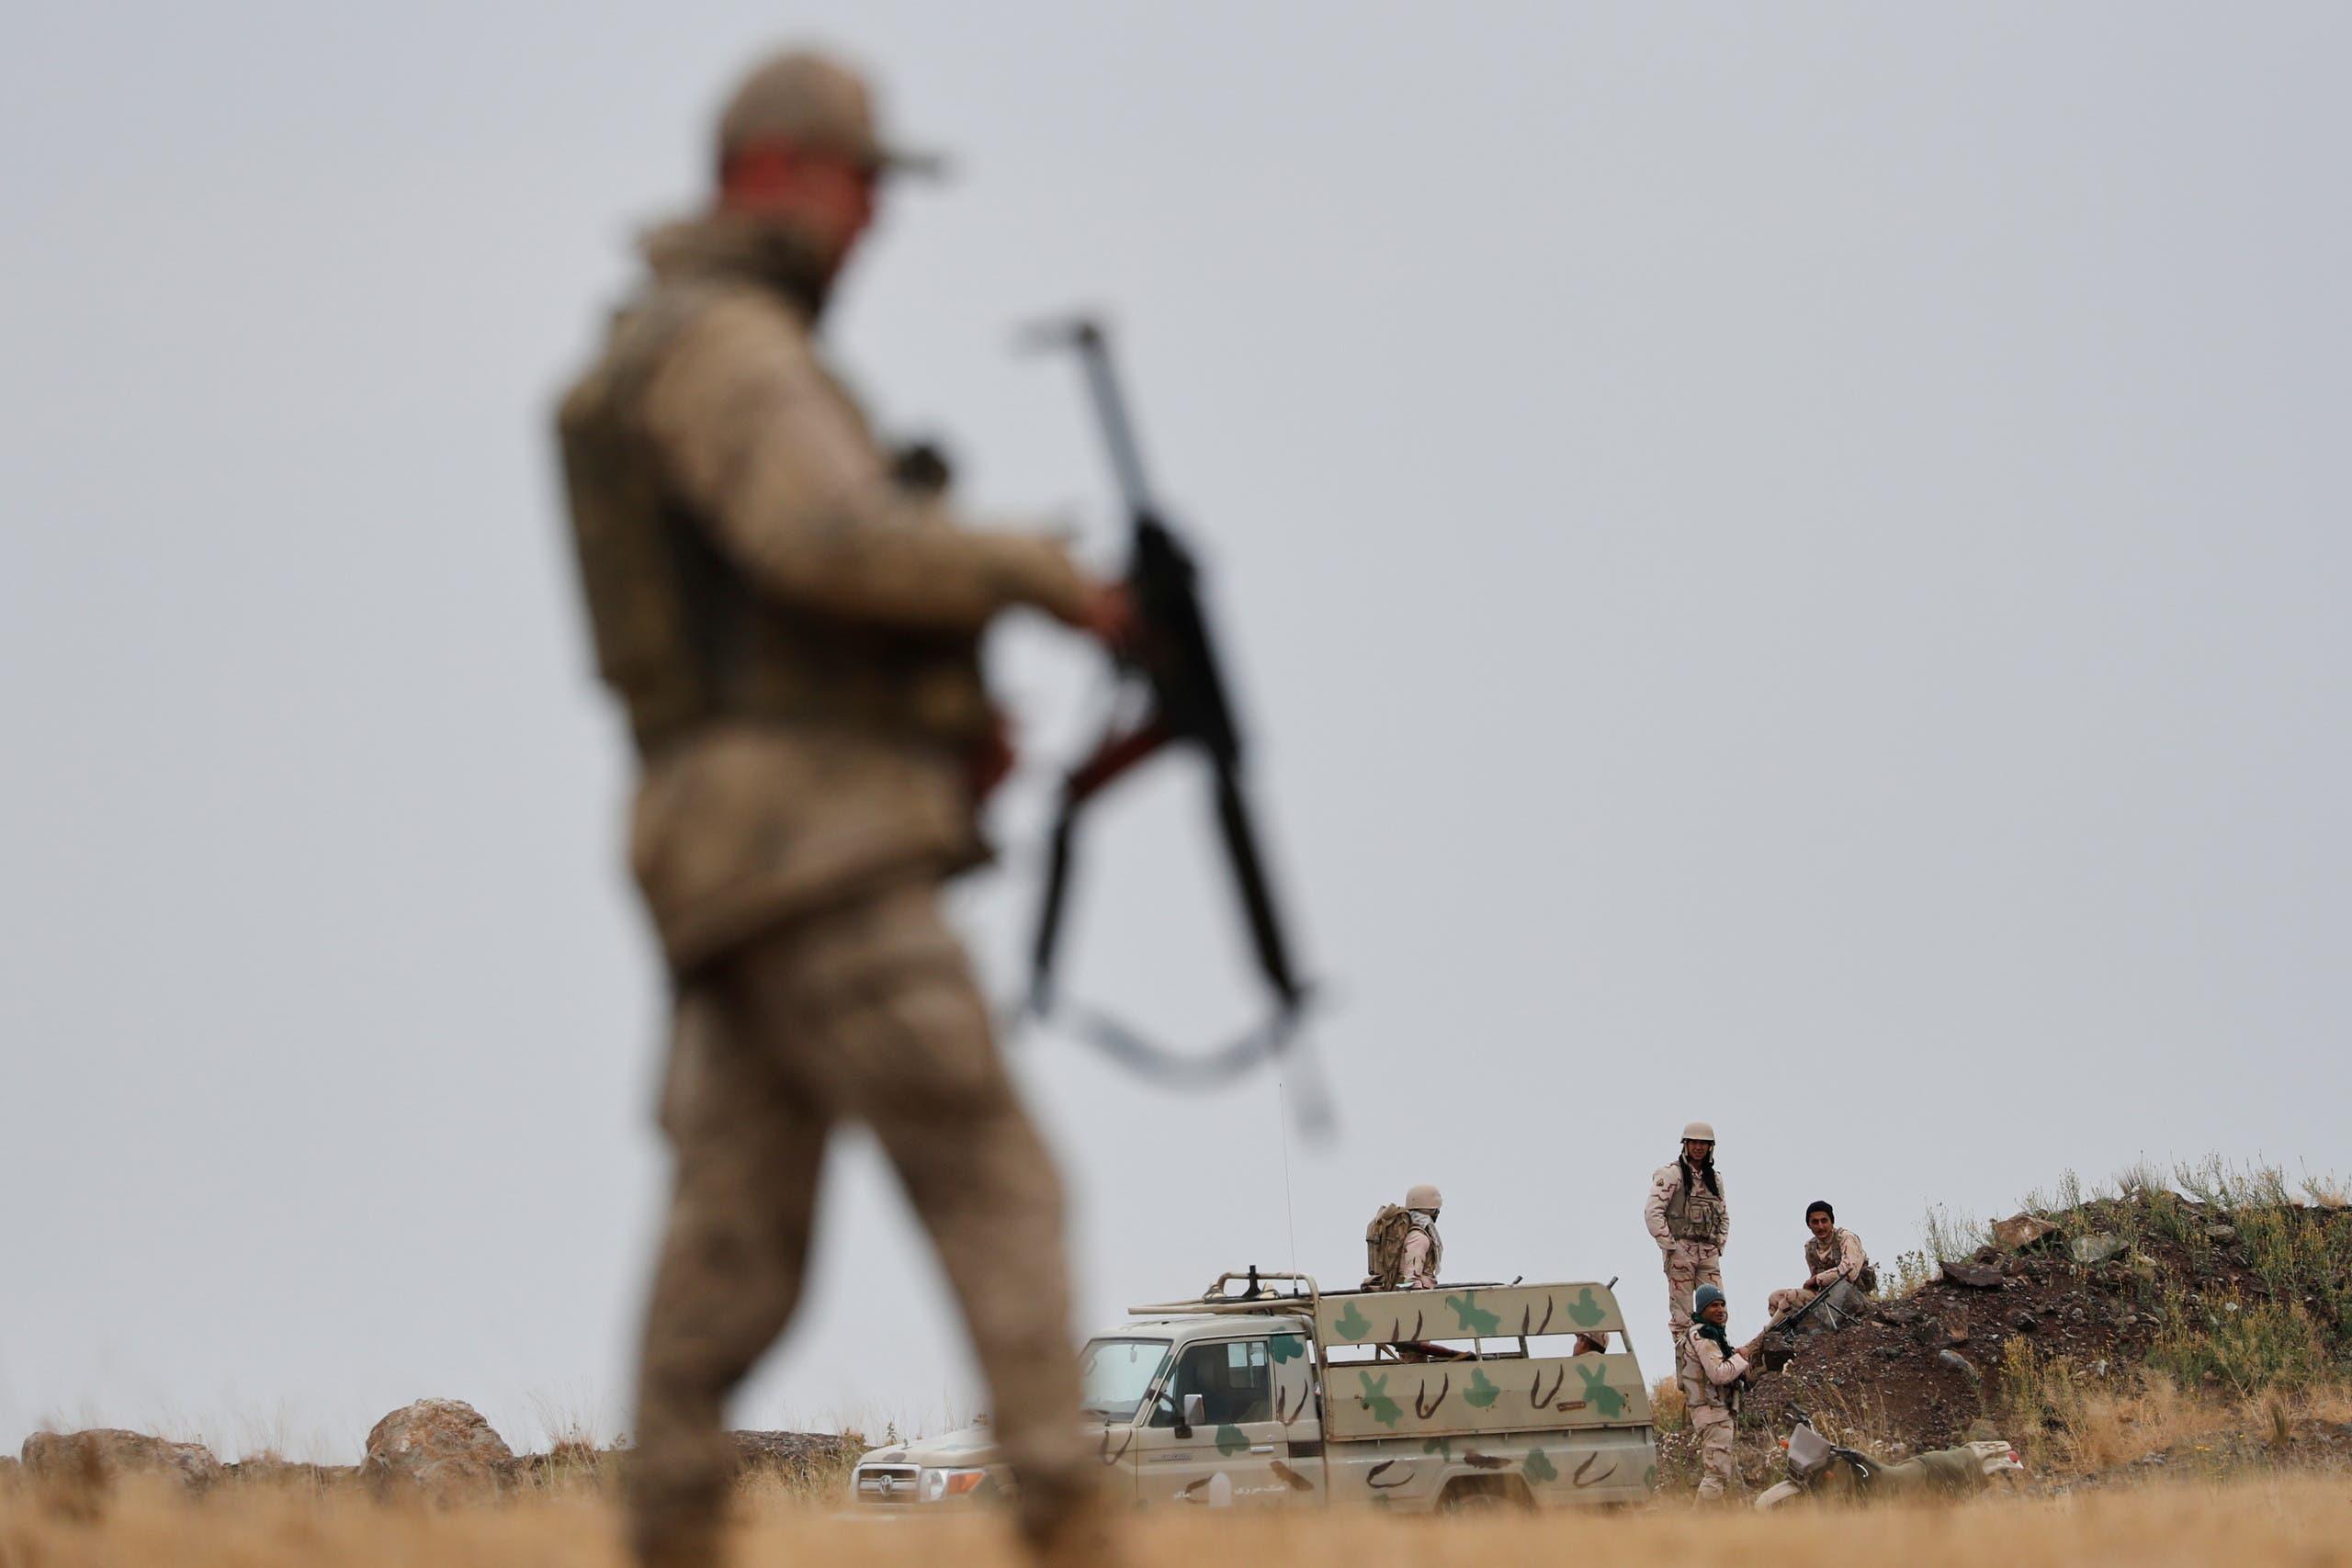 جندي تركي يقف على الحدود مع إيران في ولاية فان ويبدو وراءه جنود إيرانيون (أرشيفية)